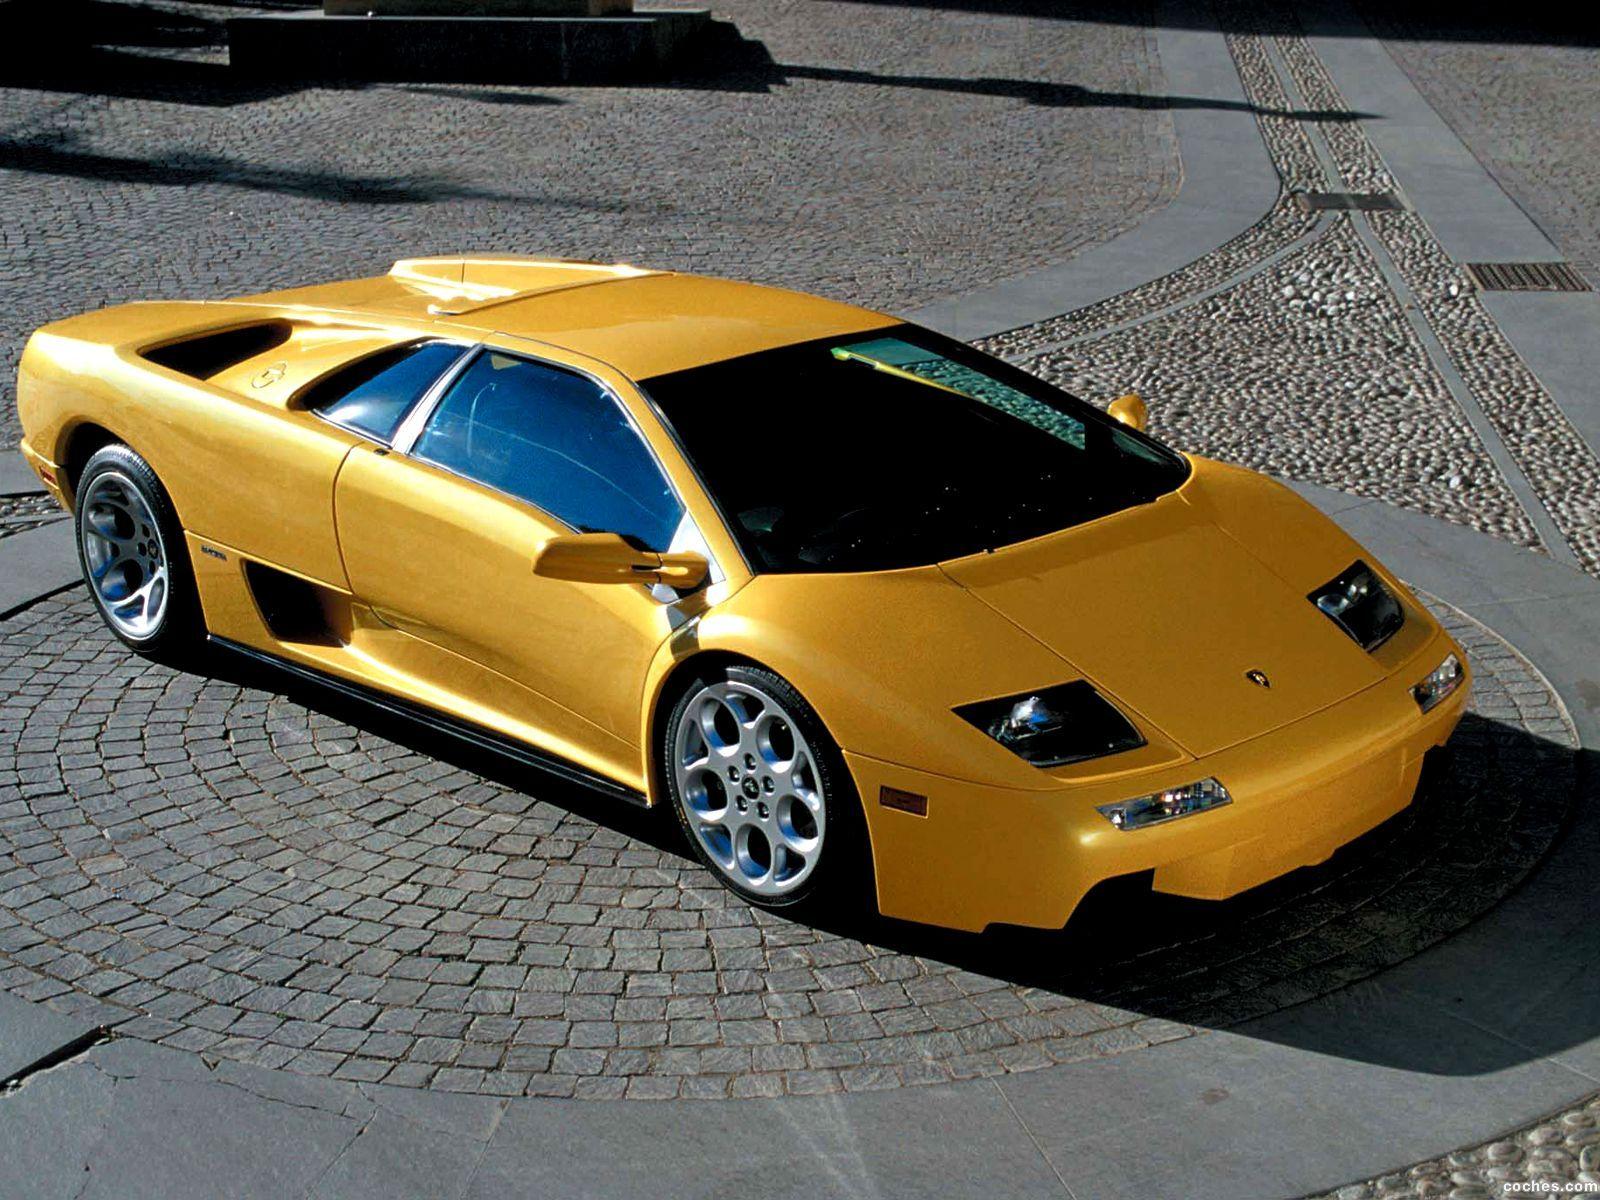 Lamborghini Diablo 1990 >> Fotos De Lamborghini Diablo 1990